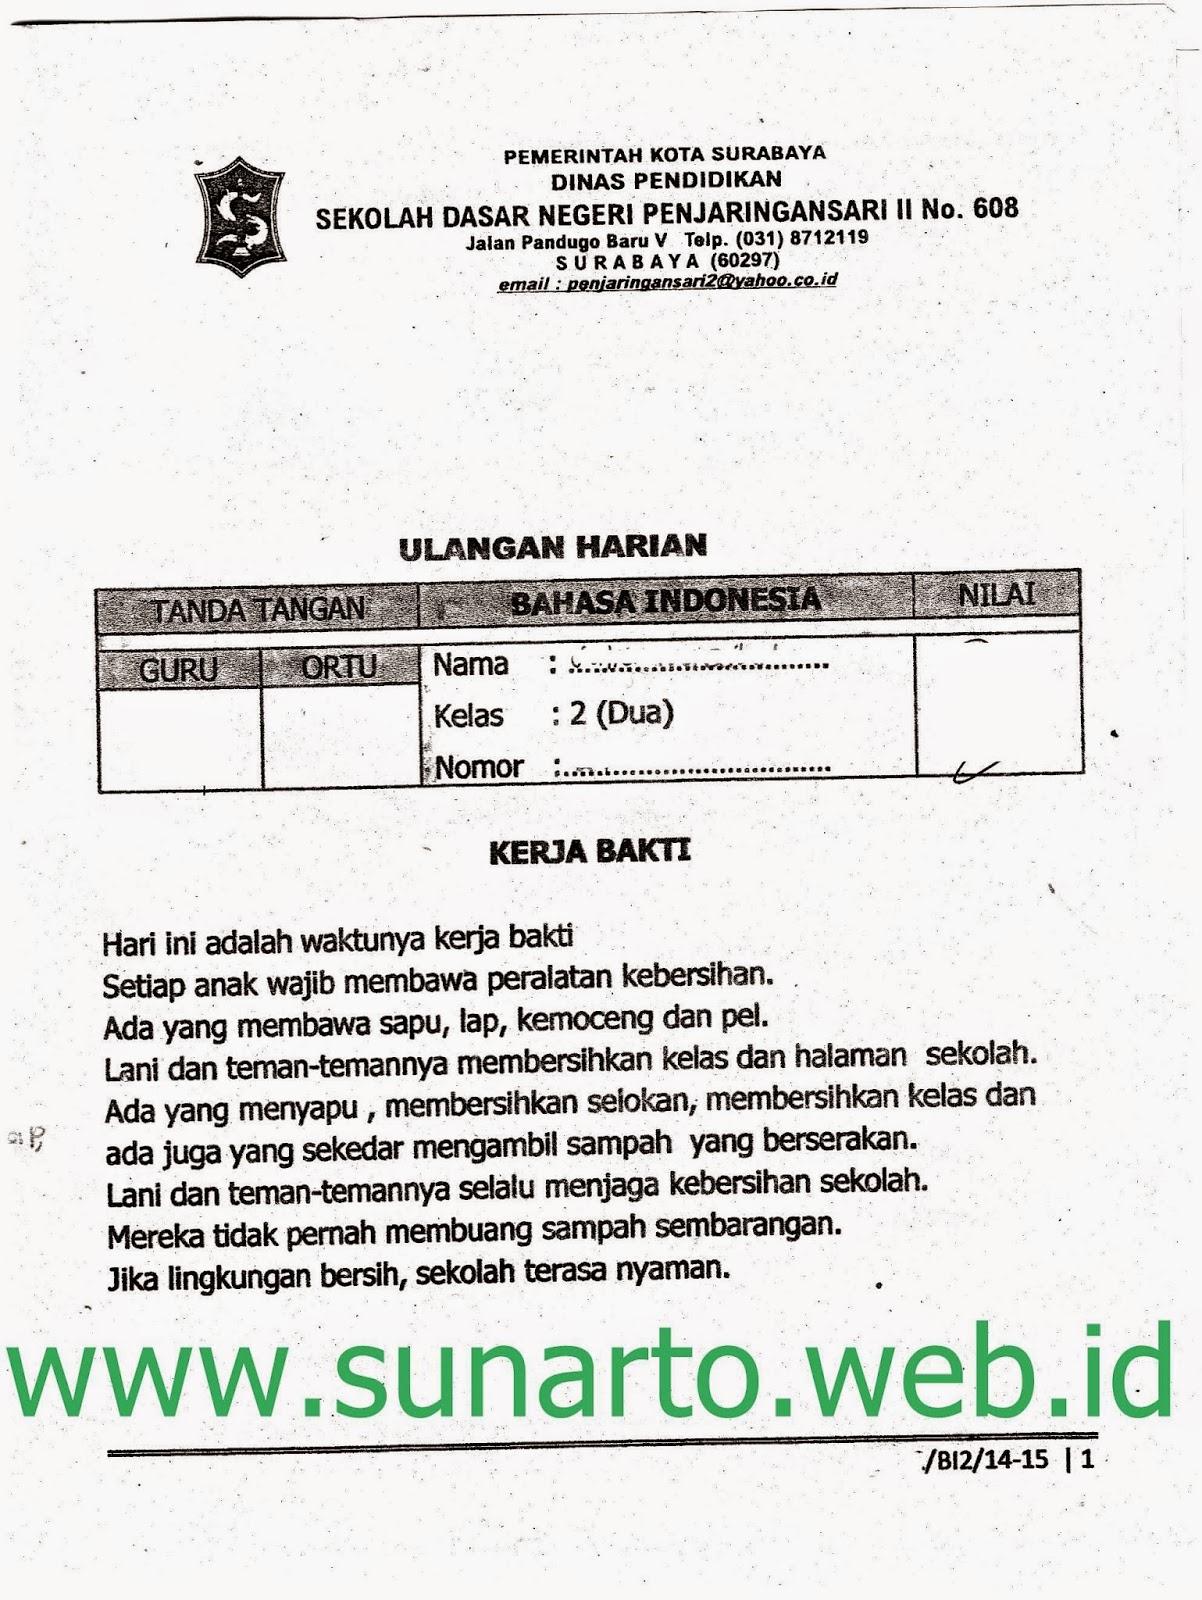 Ulangan Harian Semester Ganjil Bahasa Indonesia Kelas 2 Sd Ta 2014 2015 Kurikulum 2013 Sunarto